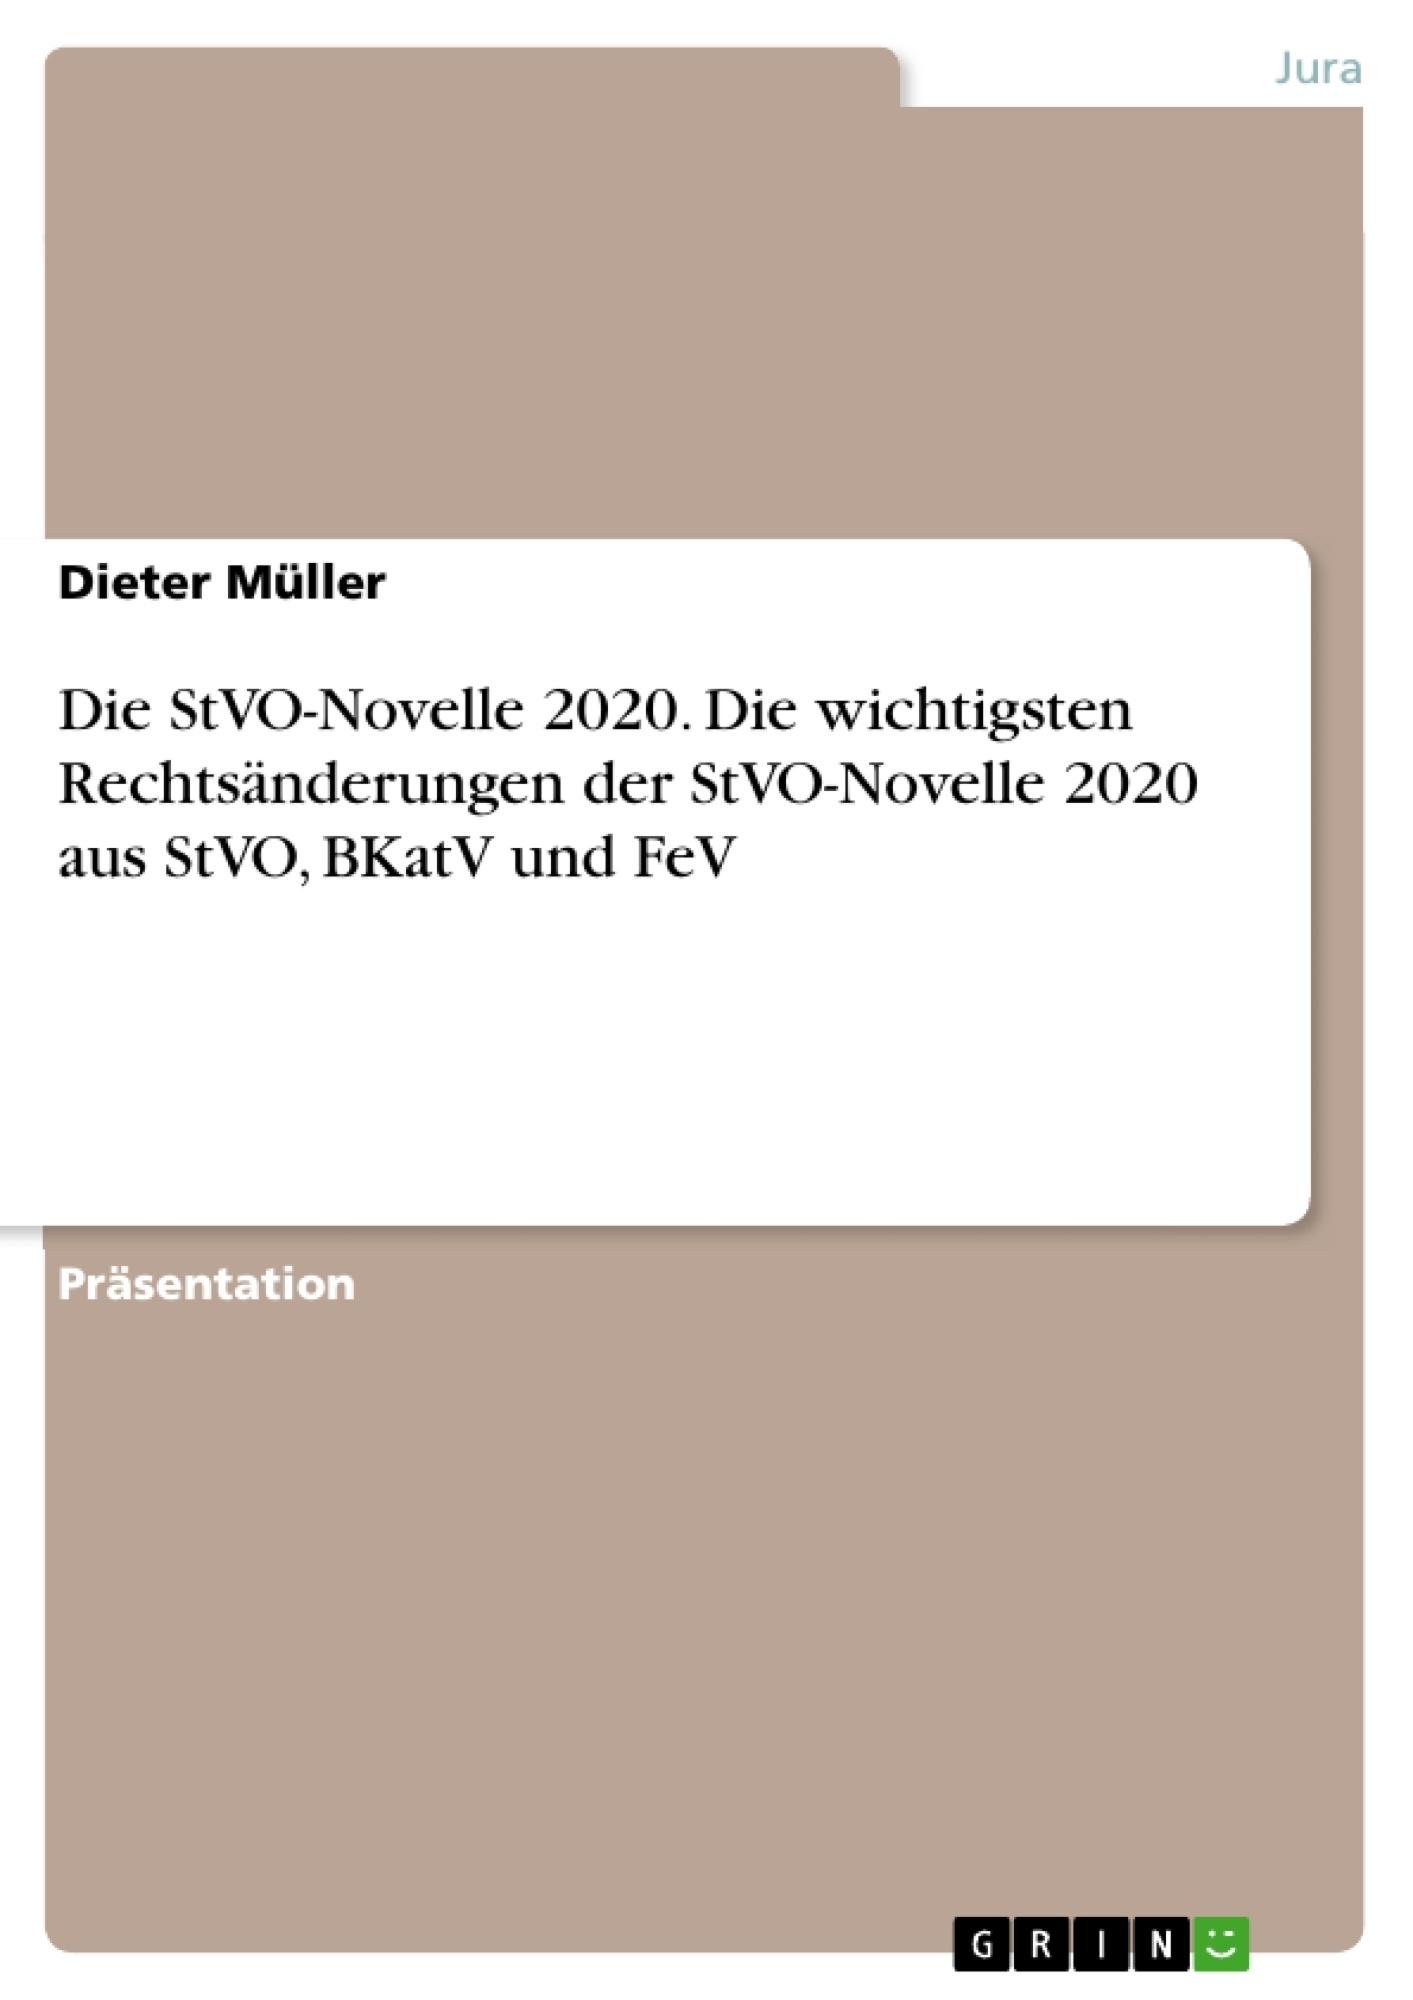 Titel: Die StVO-Novelle 2020. Die wichtigsten Rechtsänderungen der StVO-Novelle 2020 aus StVO, BKatV und FeV